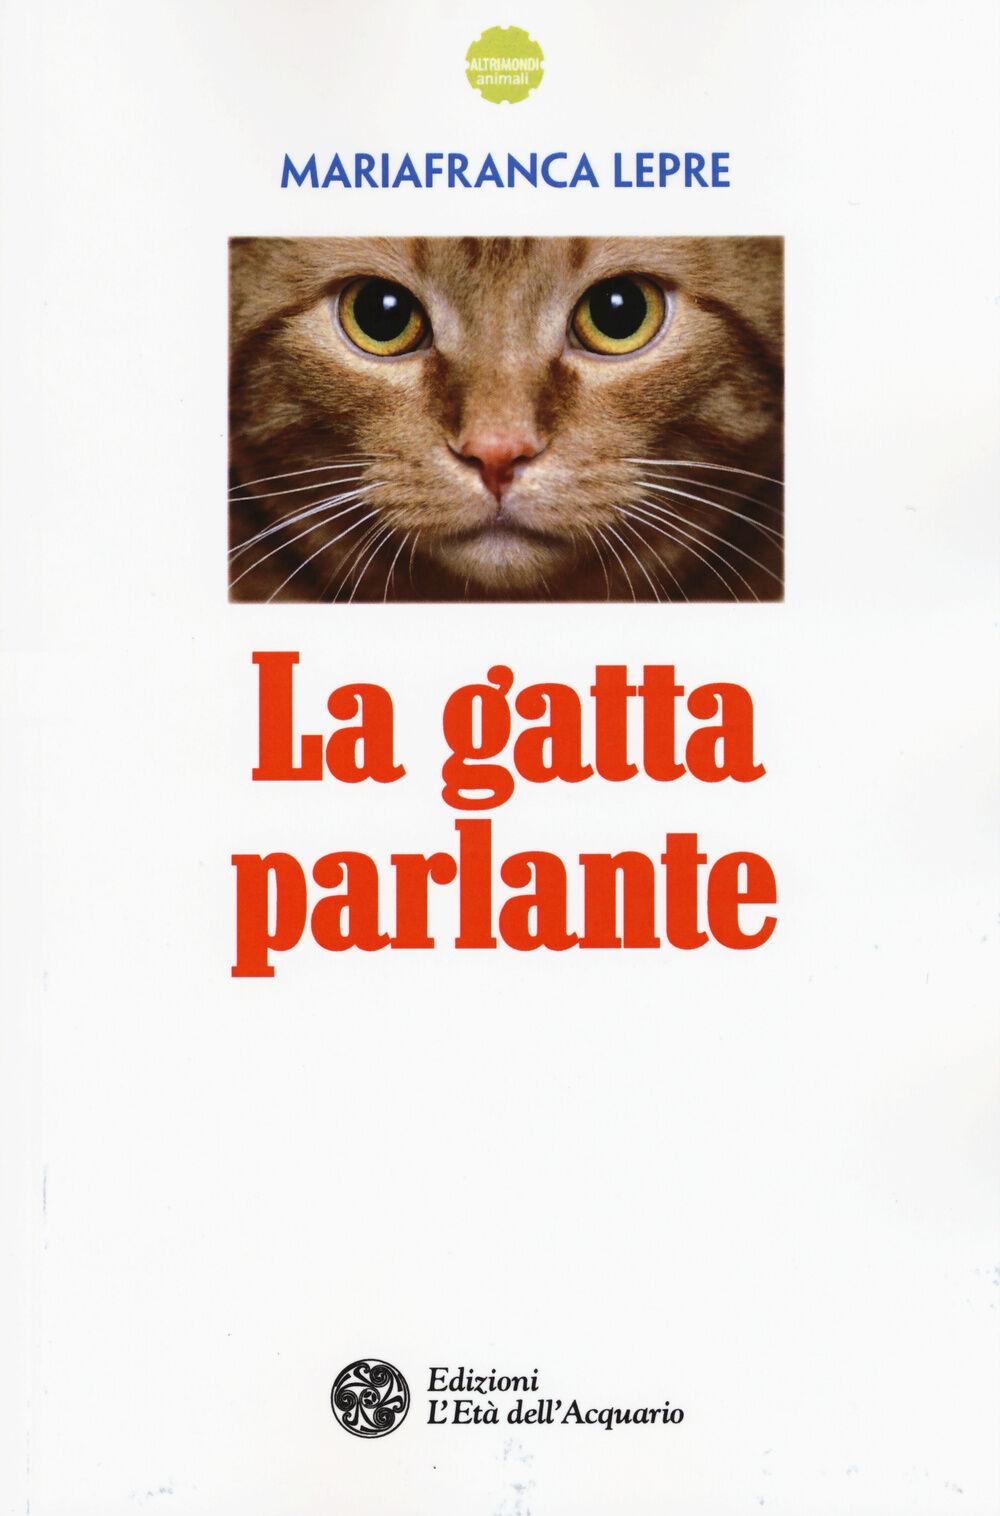 La gatta parlante